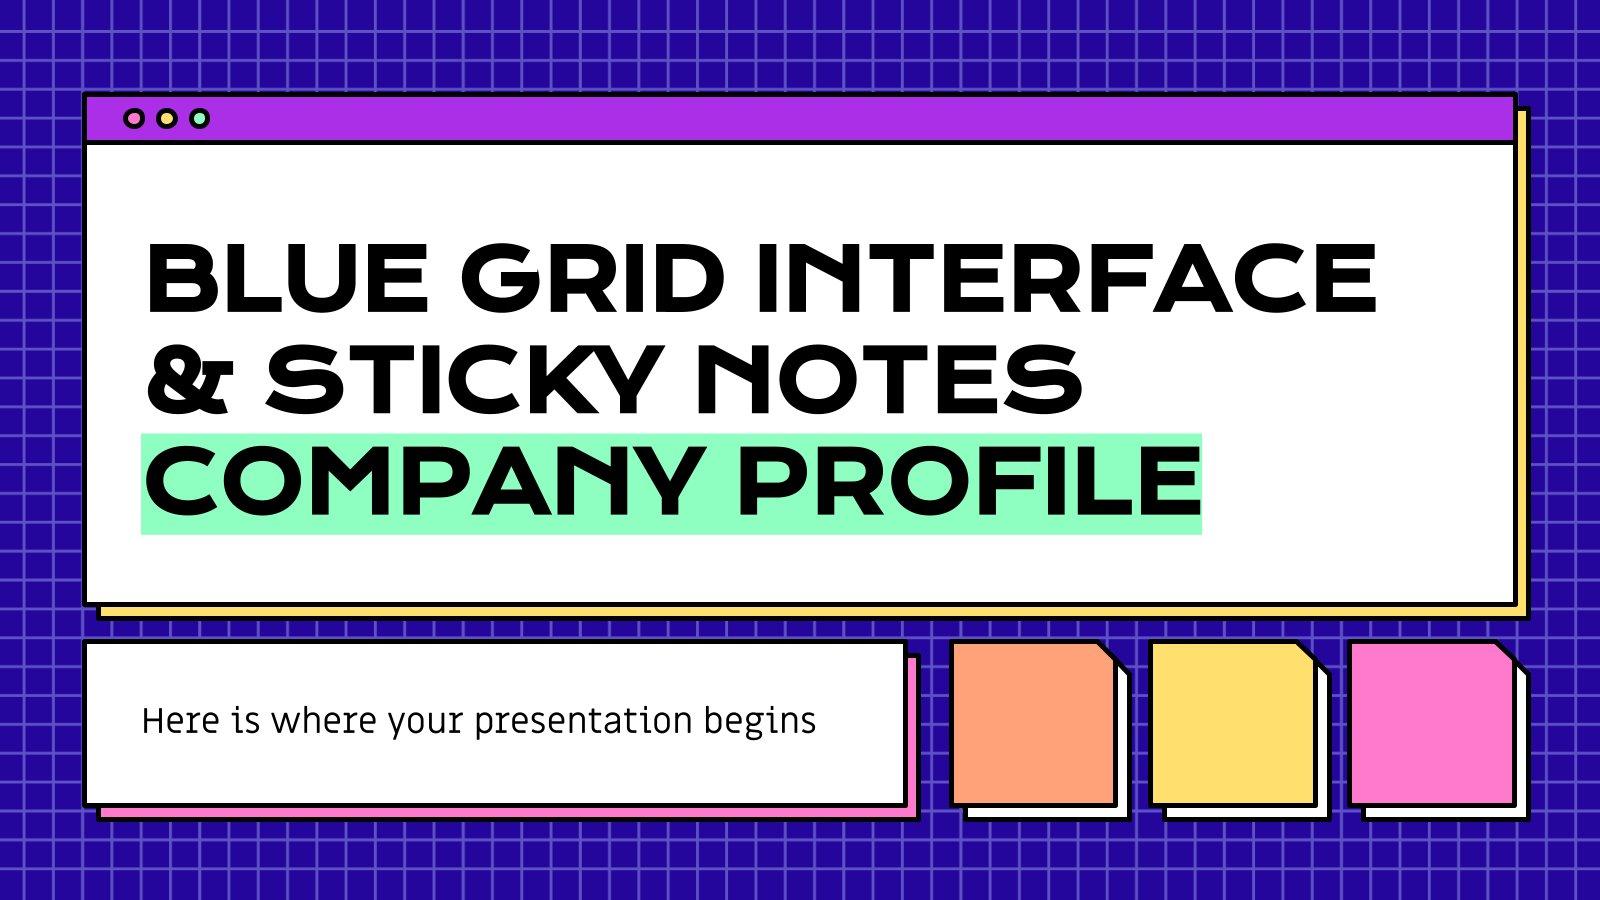 Plantilla de presentación Perfil de empresa con interfaz azul y notas adhesivas